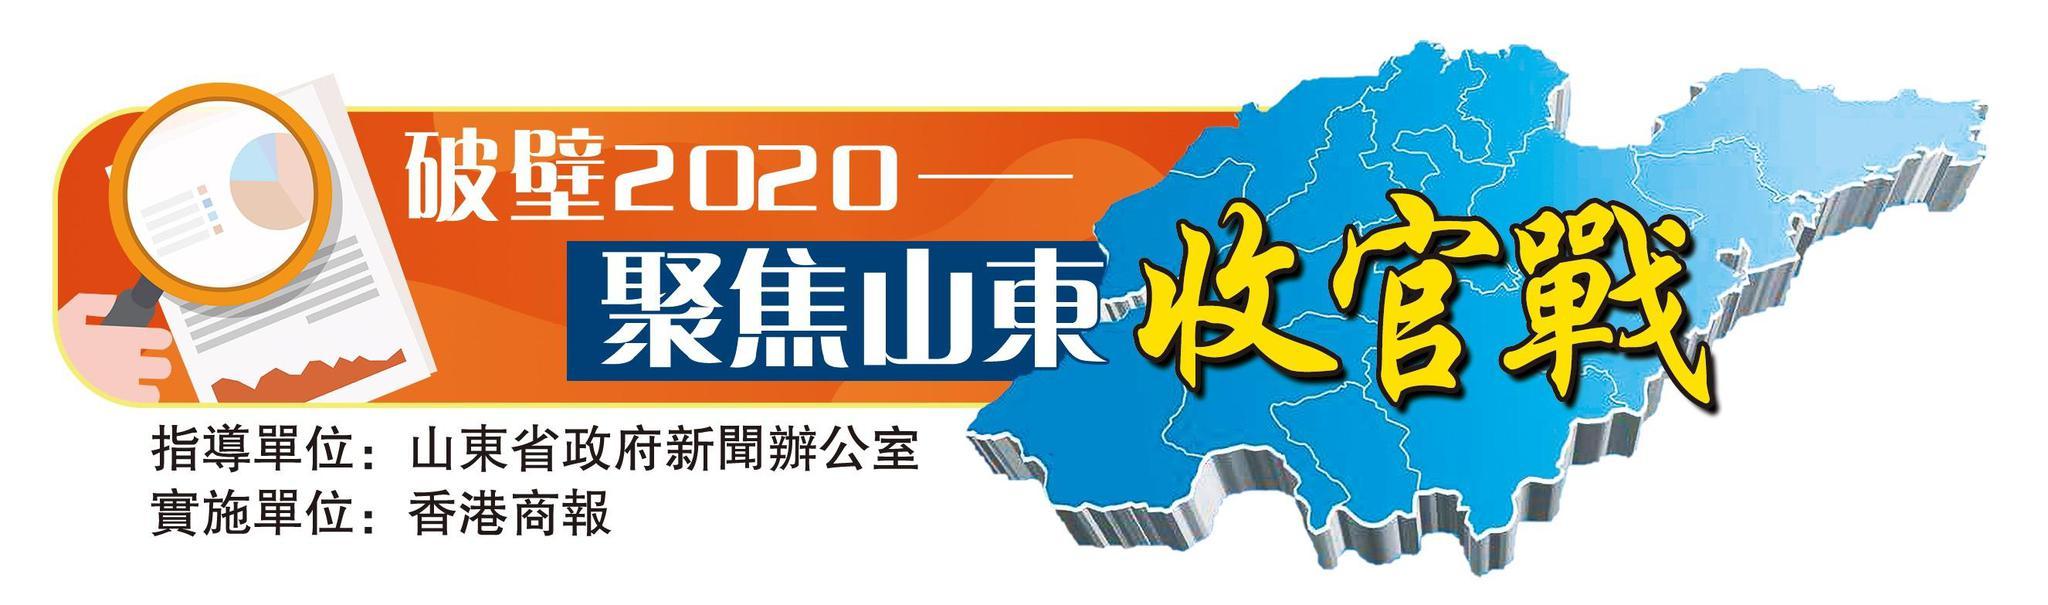 """从一位市委书记23次探访谈开去,新十年""""丛林""""滨州法则在哪里"""